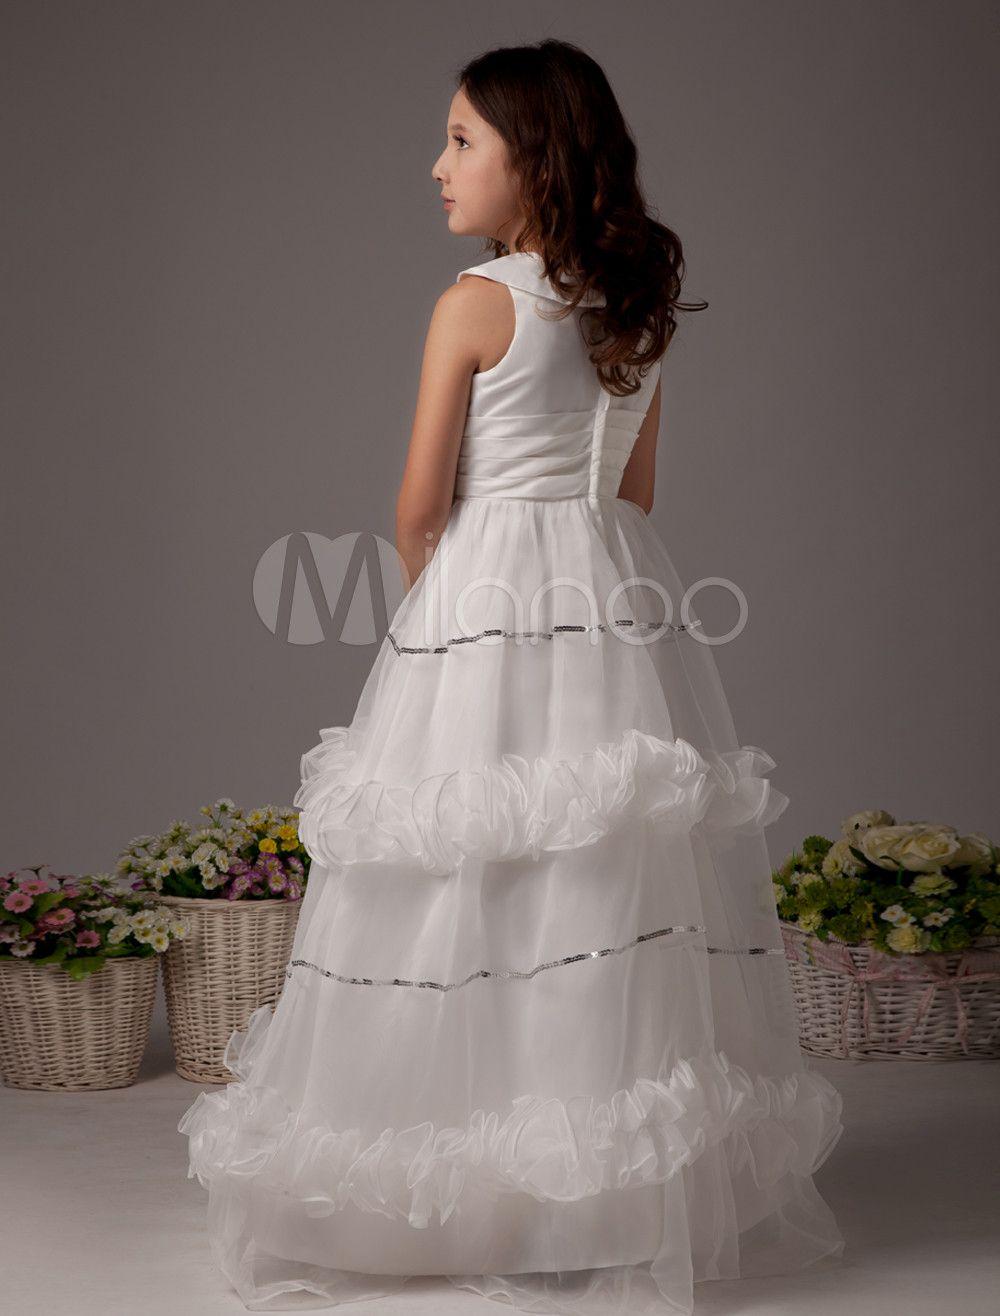 7b10dfd0334 White Flower Girl Dress Boho Satin Sleeveless Long Dresses For Little Girls   Dress